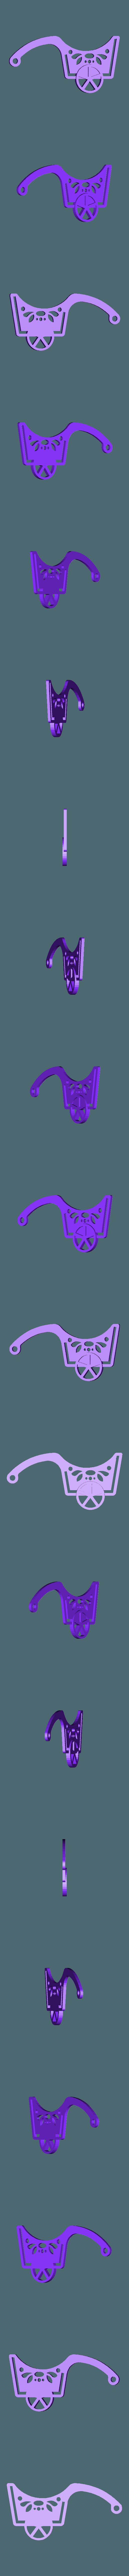 handcart_left_part.stl Télécharger fichier STL gratuit Lapin de Pâques avec une charrette à bras • Design pour impression 3D, TanyaAkinora